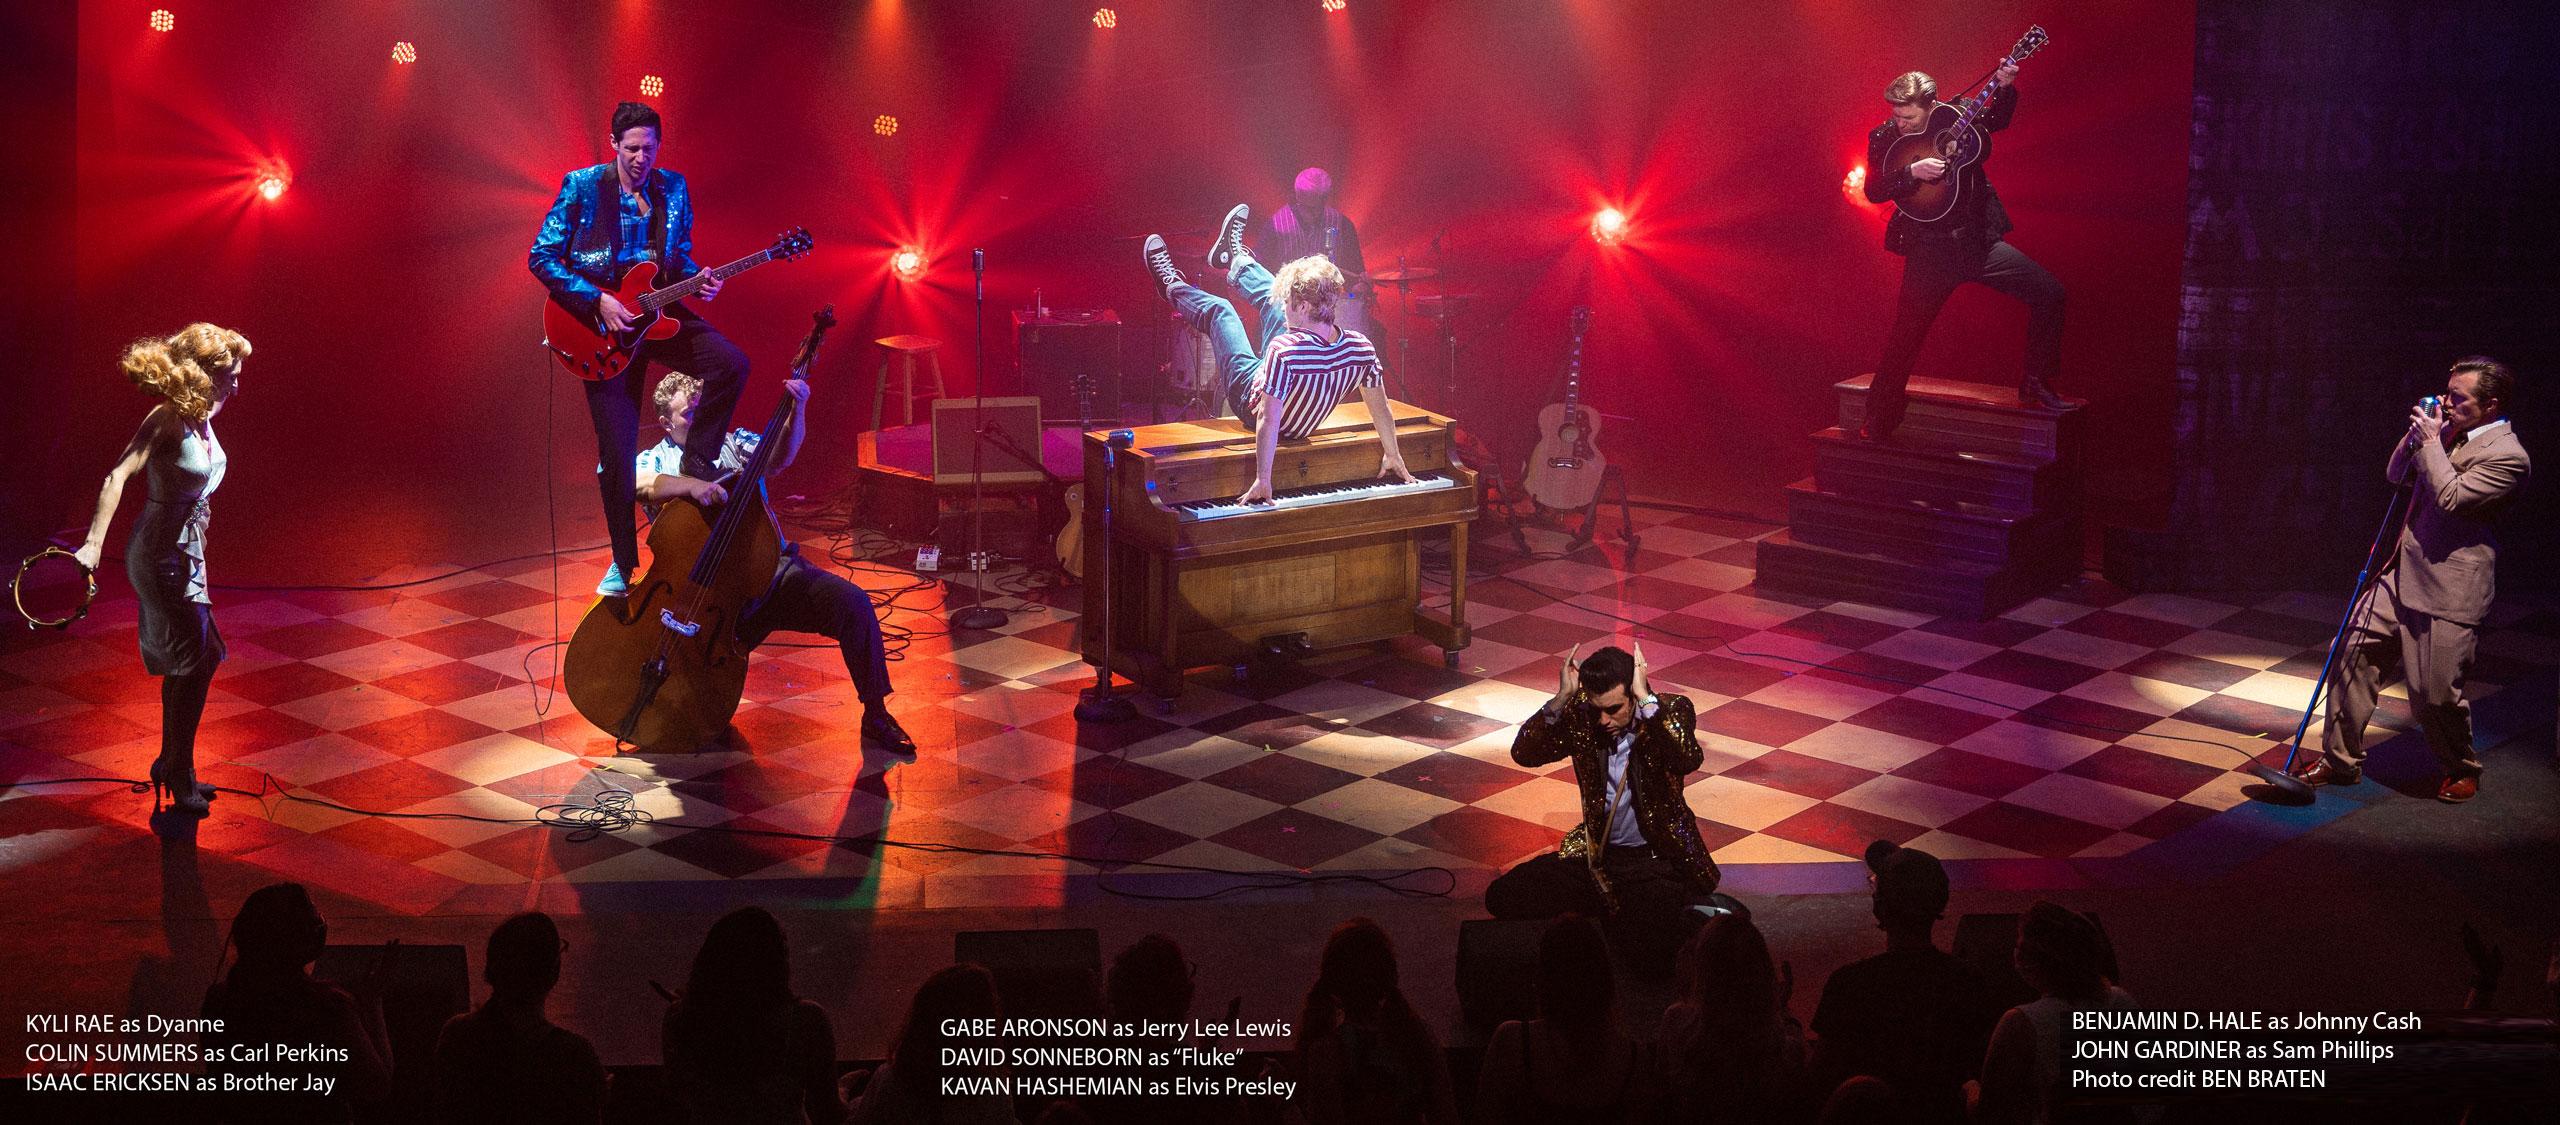 The audience dances to the Million Dollar Quartet